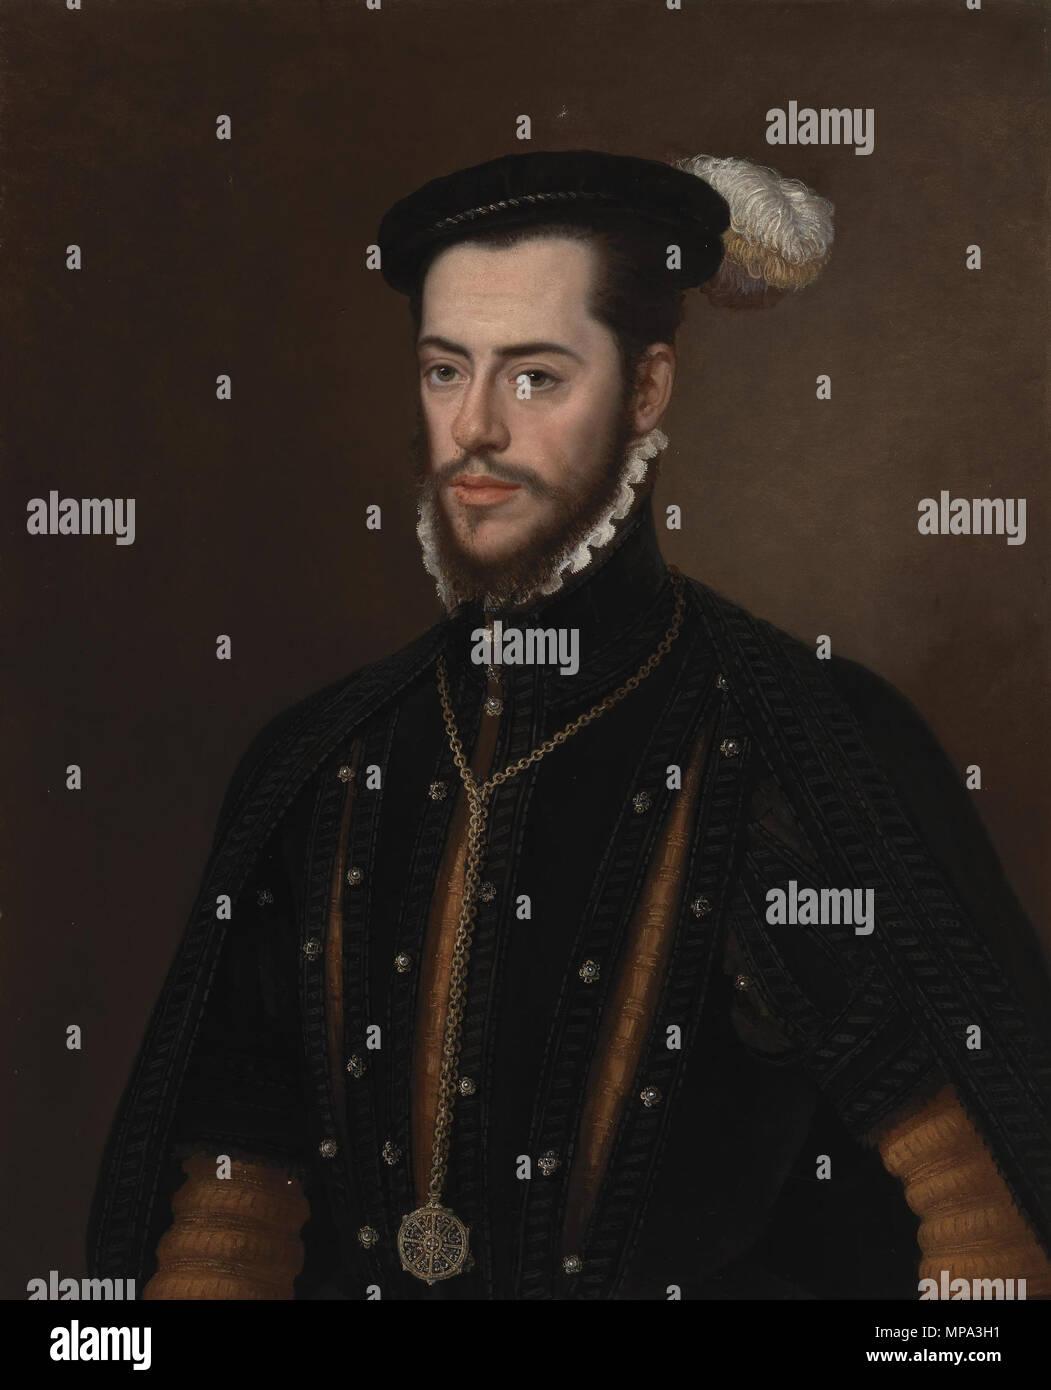 866 Martín Gurrea de Aragón, duque de Villahermosa y conde de Ribagorza (Museo del Prado) - Stock Image